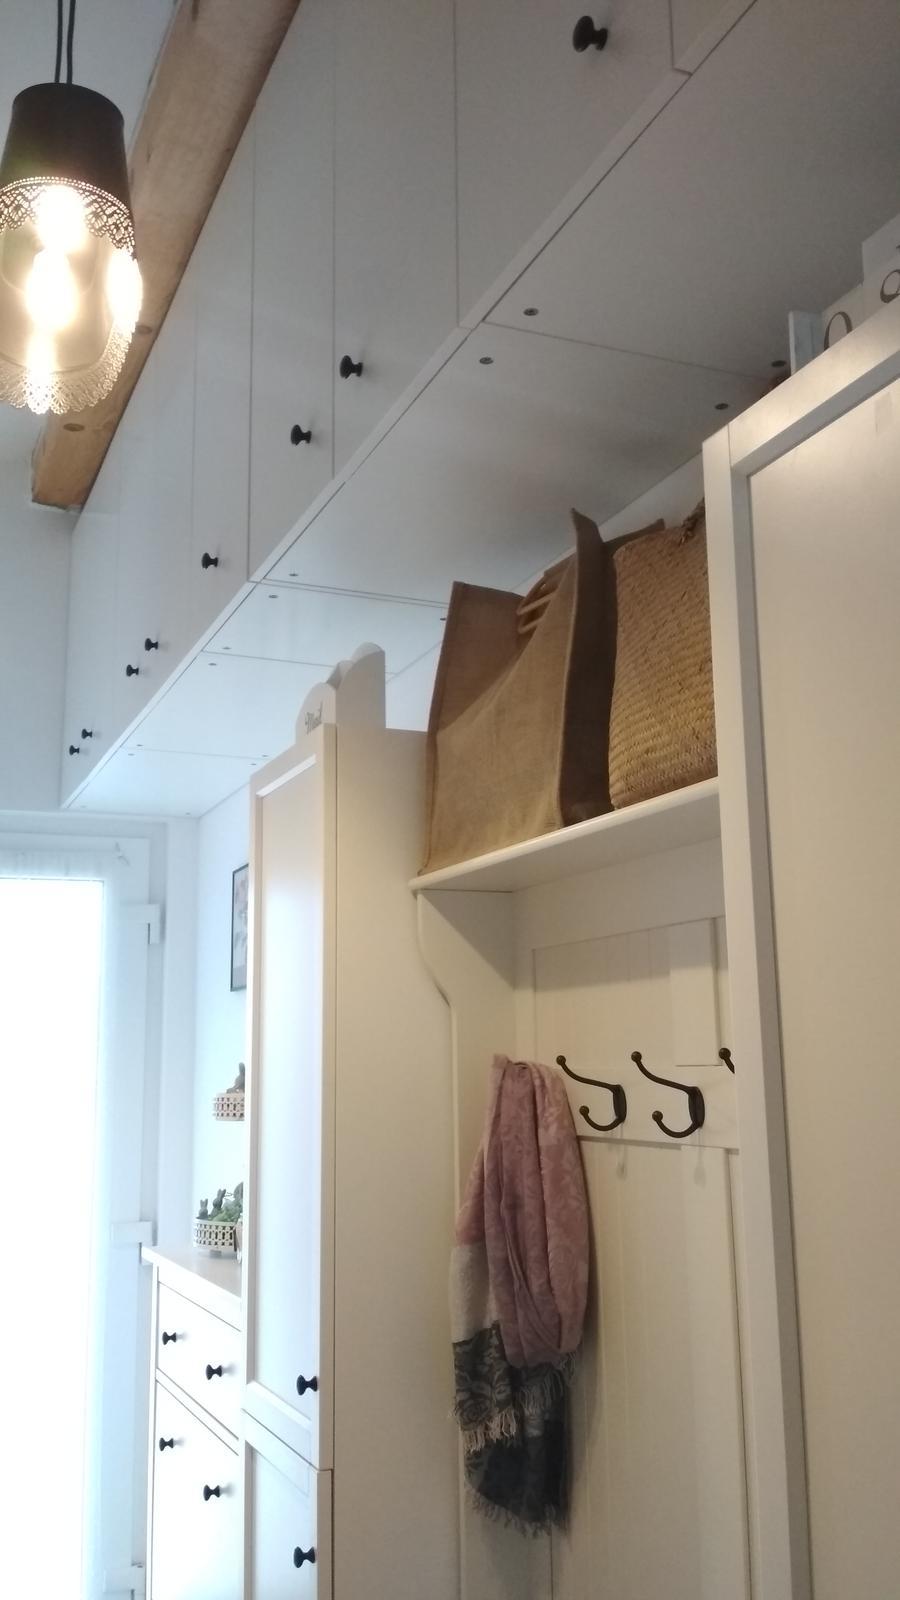 Náš domček ♡ Bramasole ♡ ... Stilo interiér aj exteriér 3. rok bývania - Obrázok č. 66